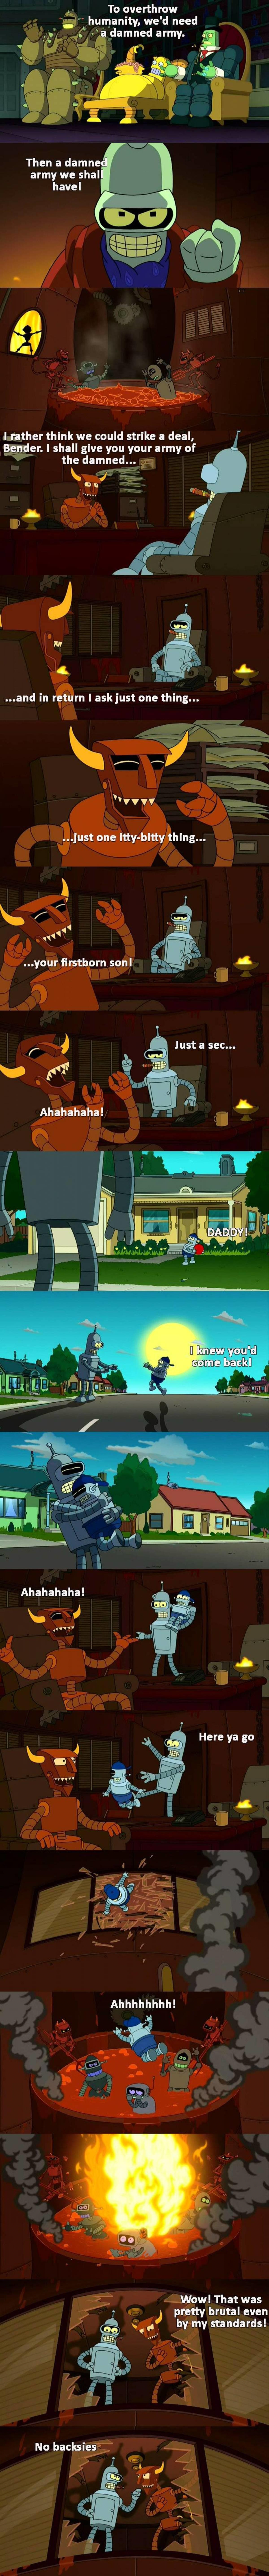 Futurama never held back on dark jokes. .. Here, take this Futurama never held back on dark jokes Here take this